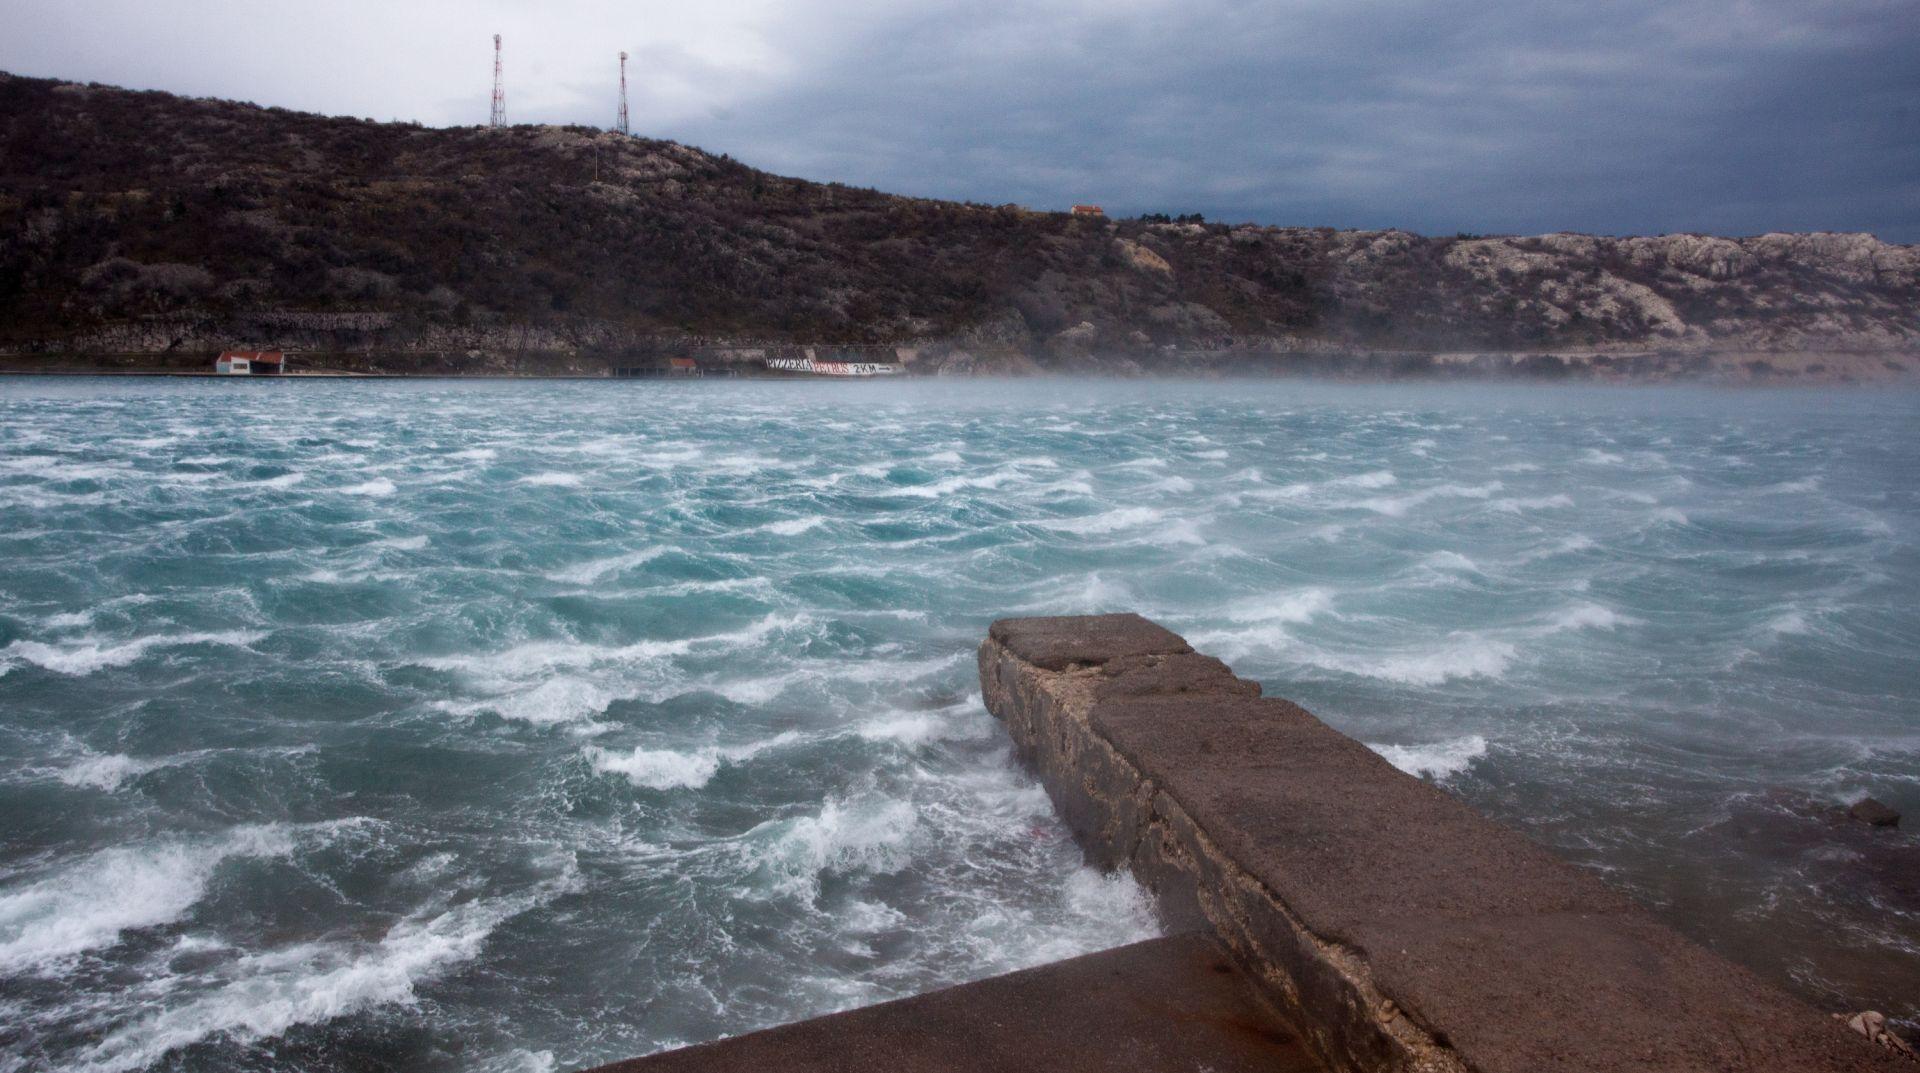 VJETROVITO I HLADNO Meteoalarm izdao narančasta upozorenja zbog orkanskog vjetra